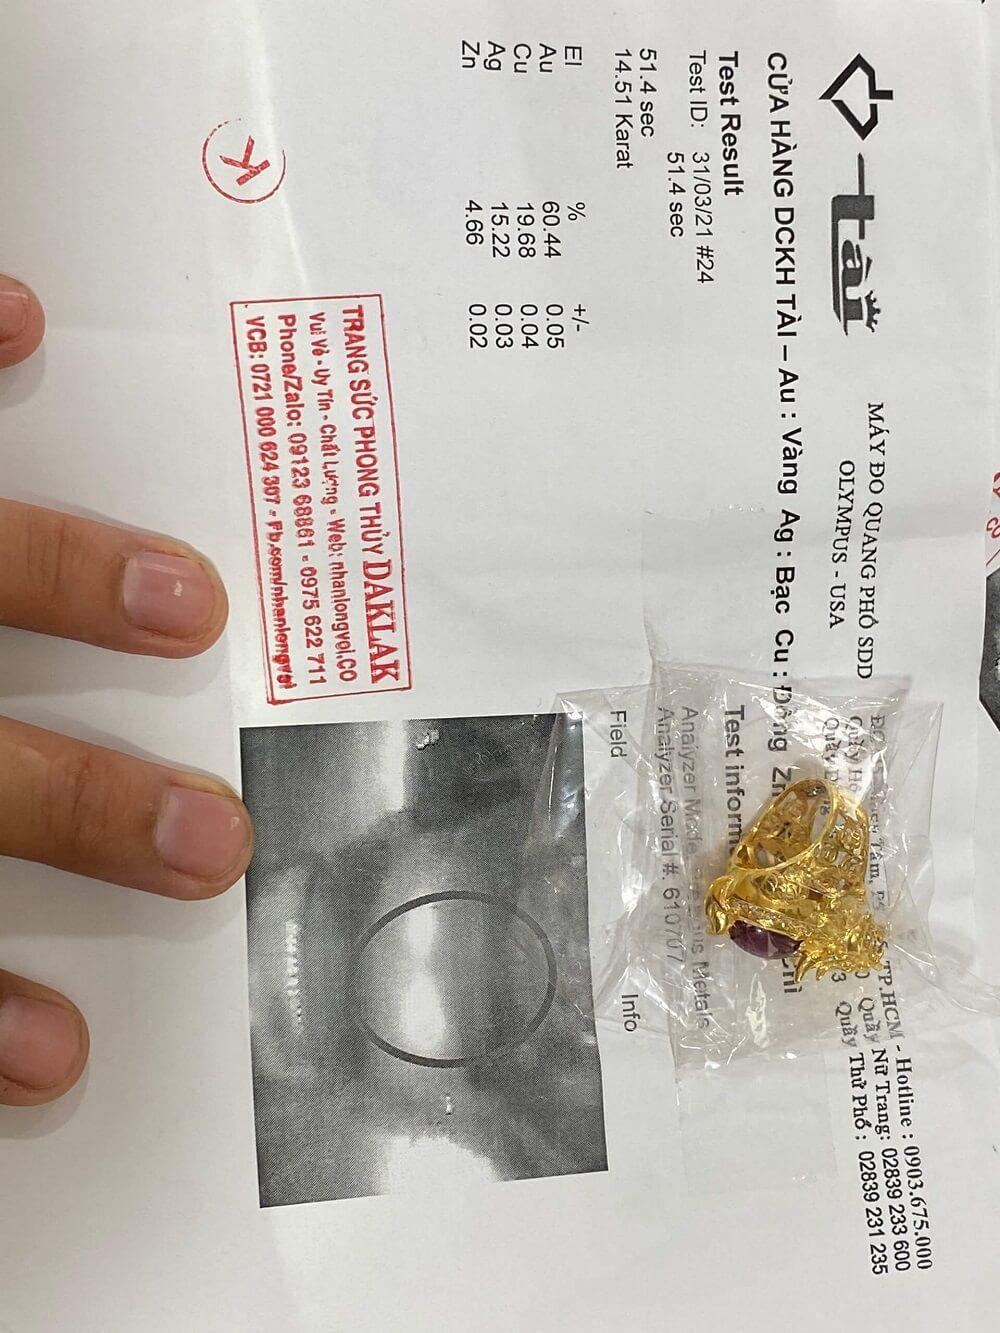 giấy chứng nhận Nhẫn long quy MINI lưng Ruby sao viền 12 viên kim cương tấm 2li